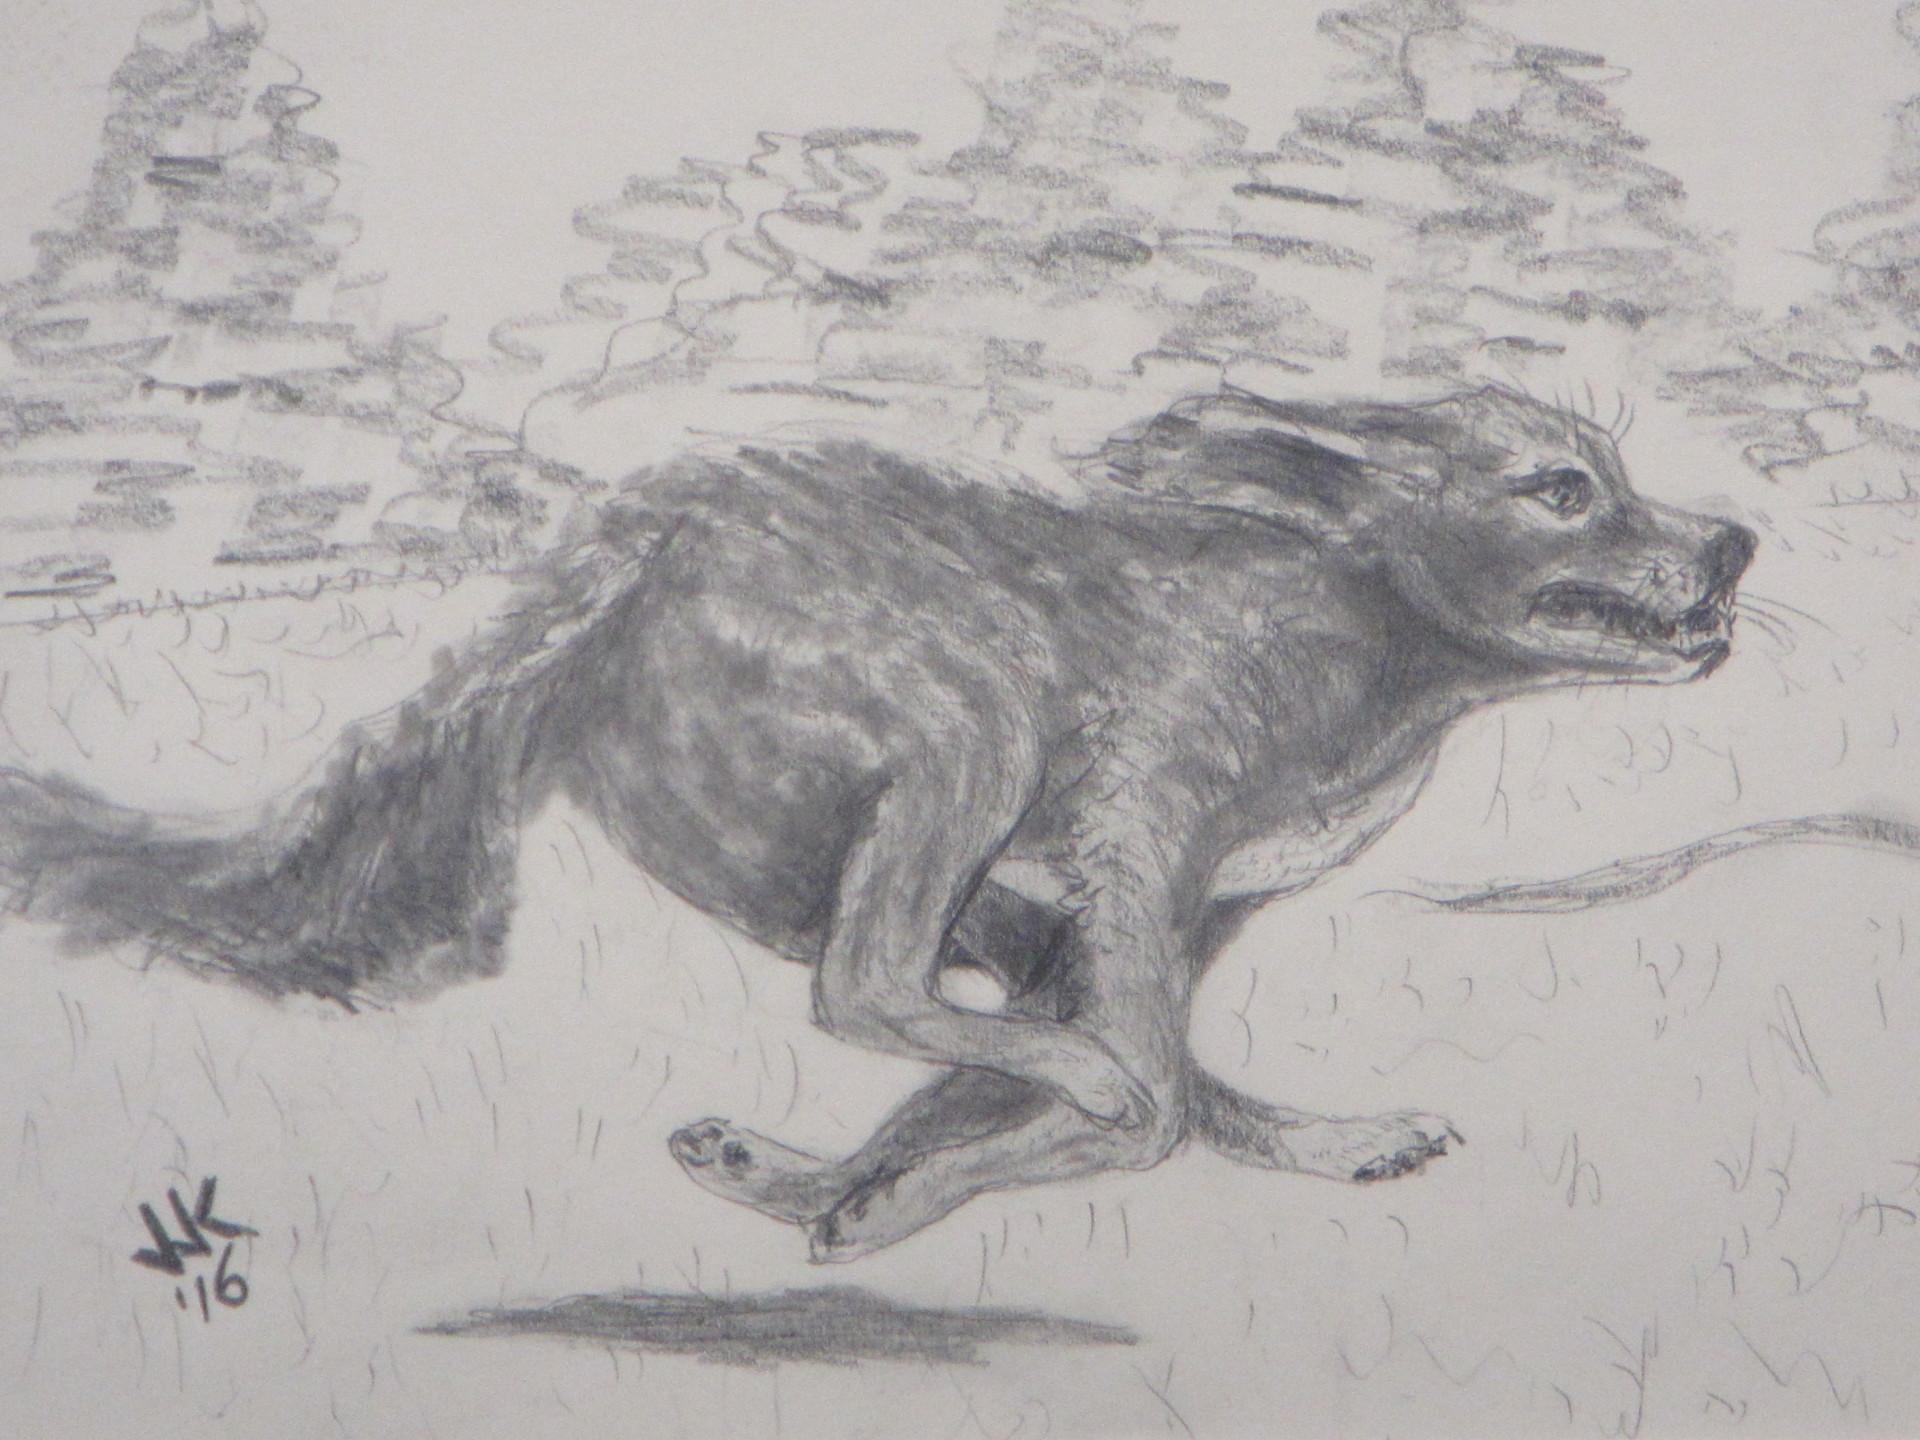 A dog running at full speed.